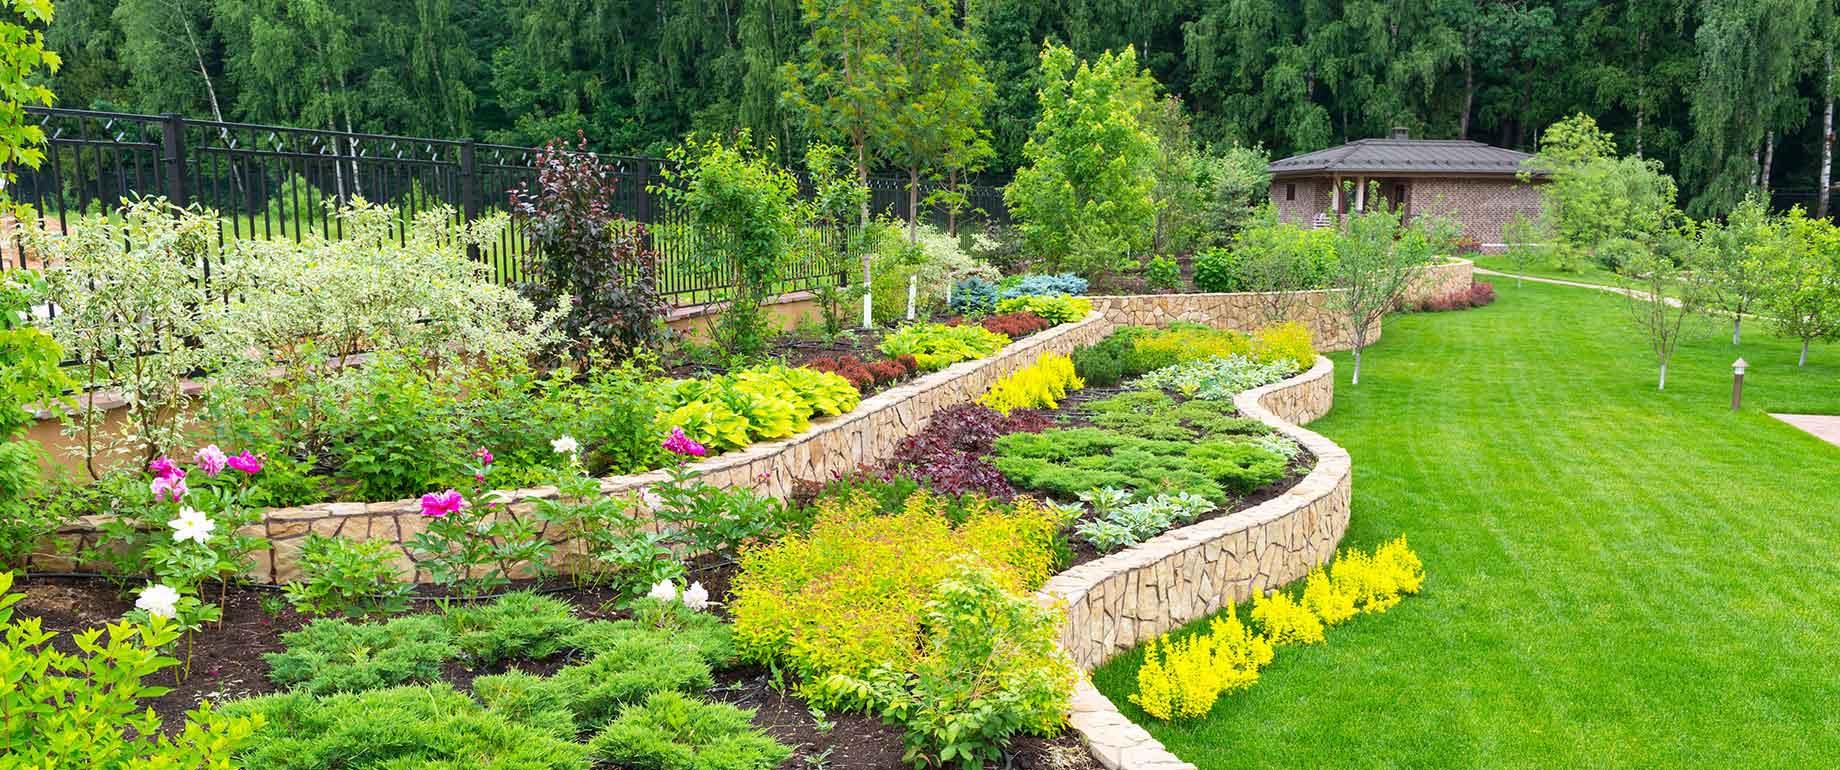 Gartengestaltung3